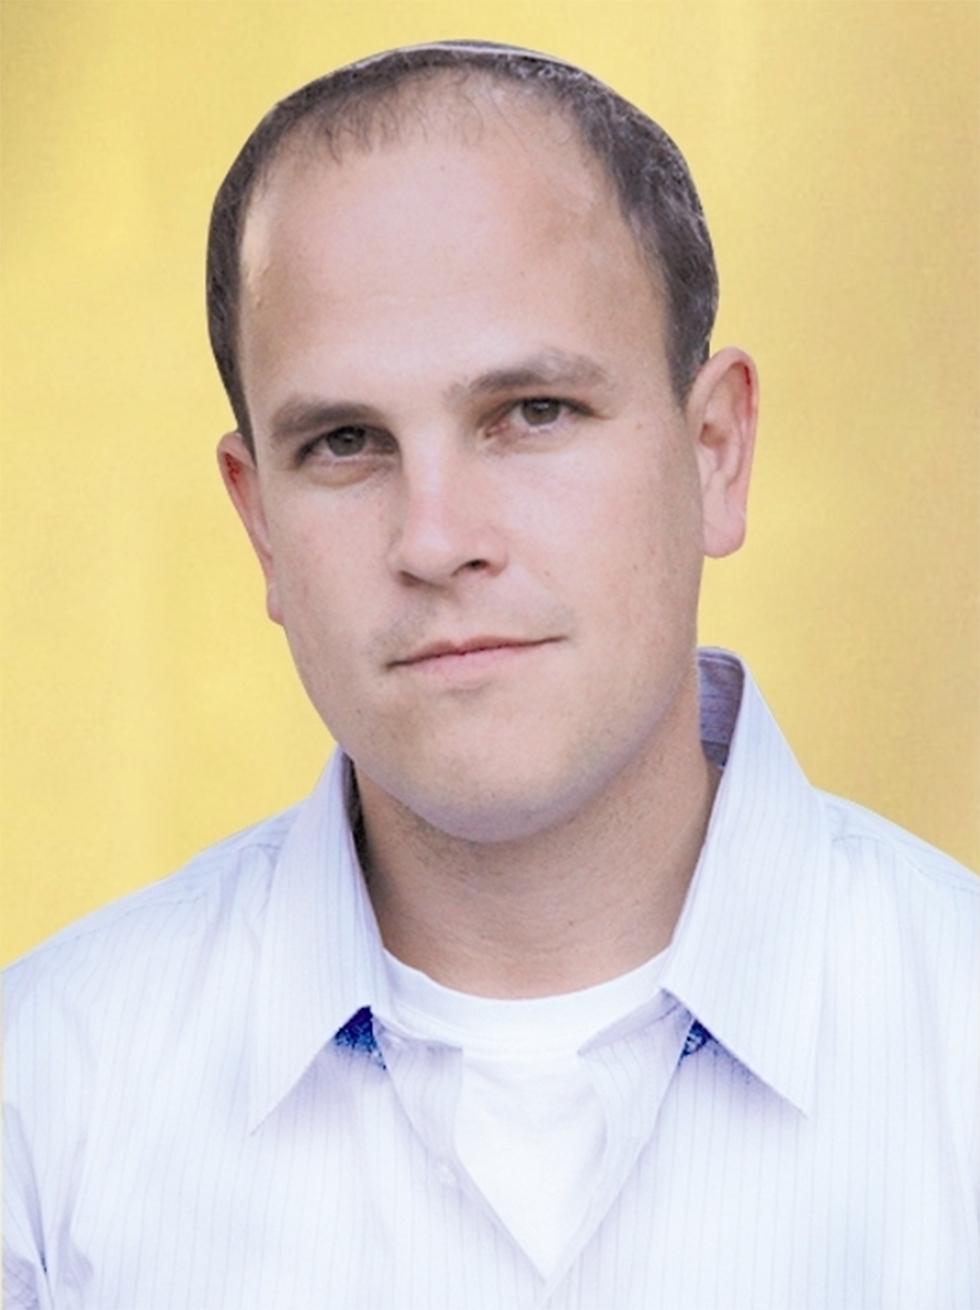 מיכה גודמן (צילום: עדי סגל) (צילום: עדי סגל)